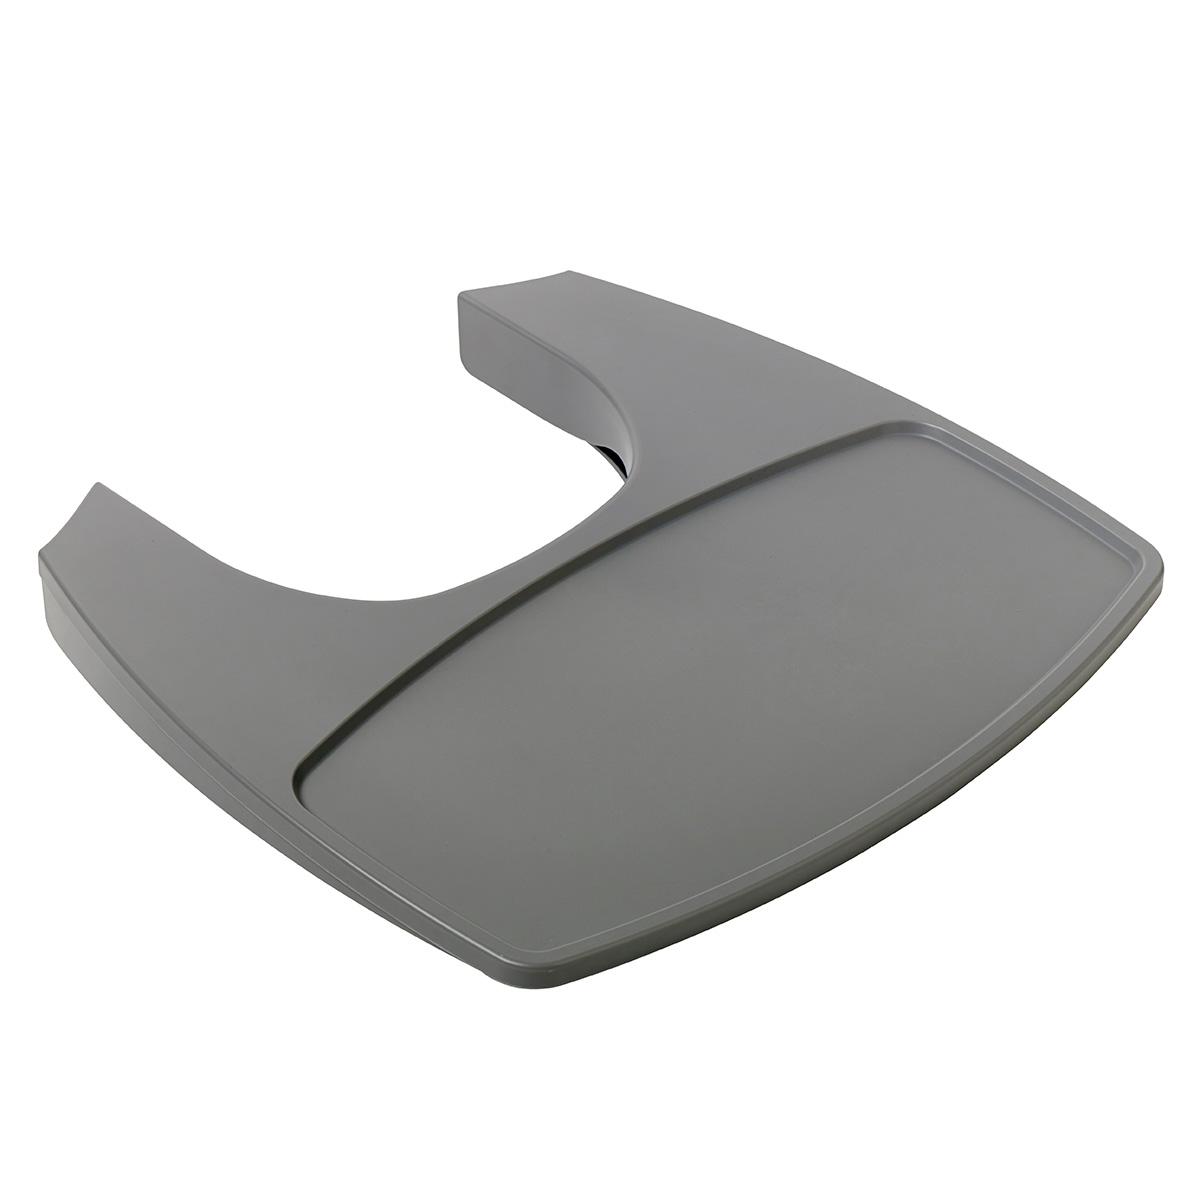 Image of   Leander bakkebord til højstol - Grå